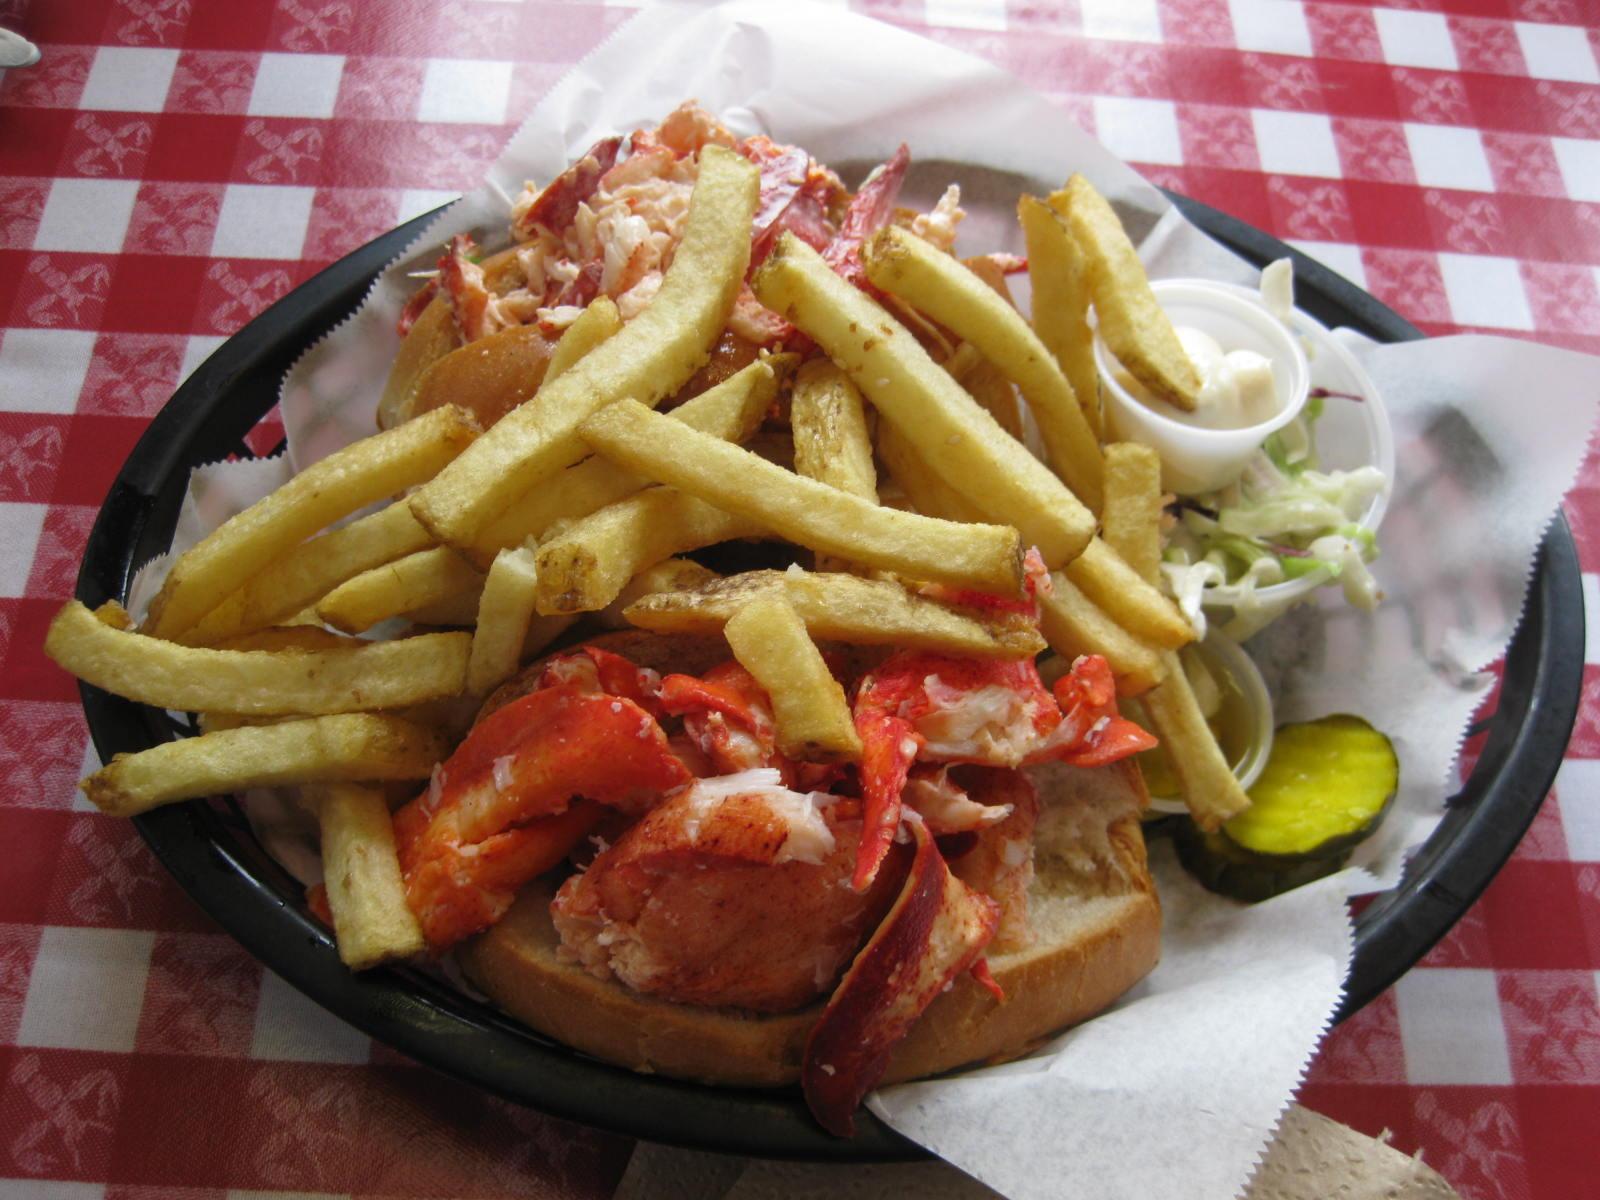 Edibles & Potables: Old Port Lobster Shack